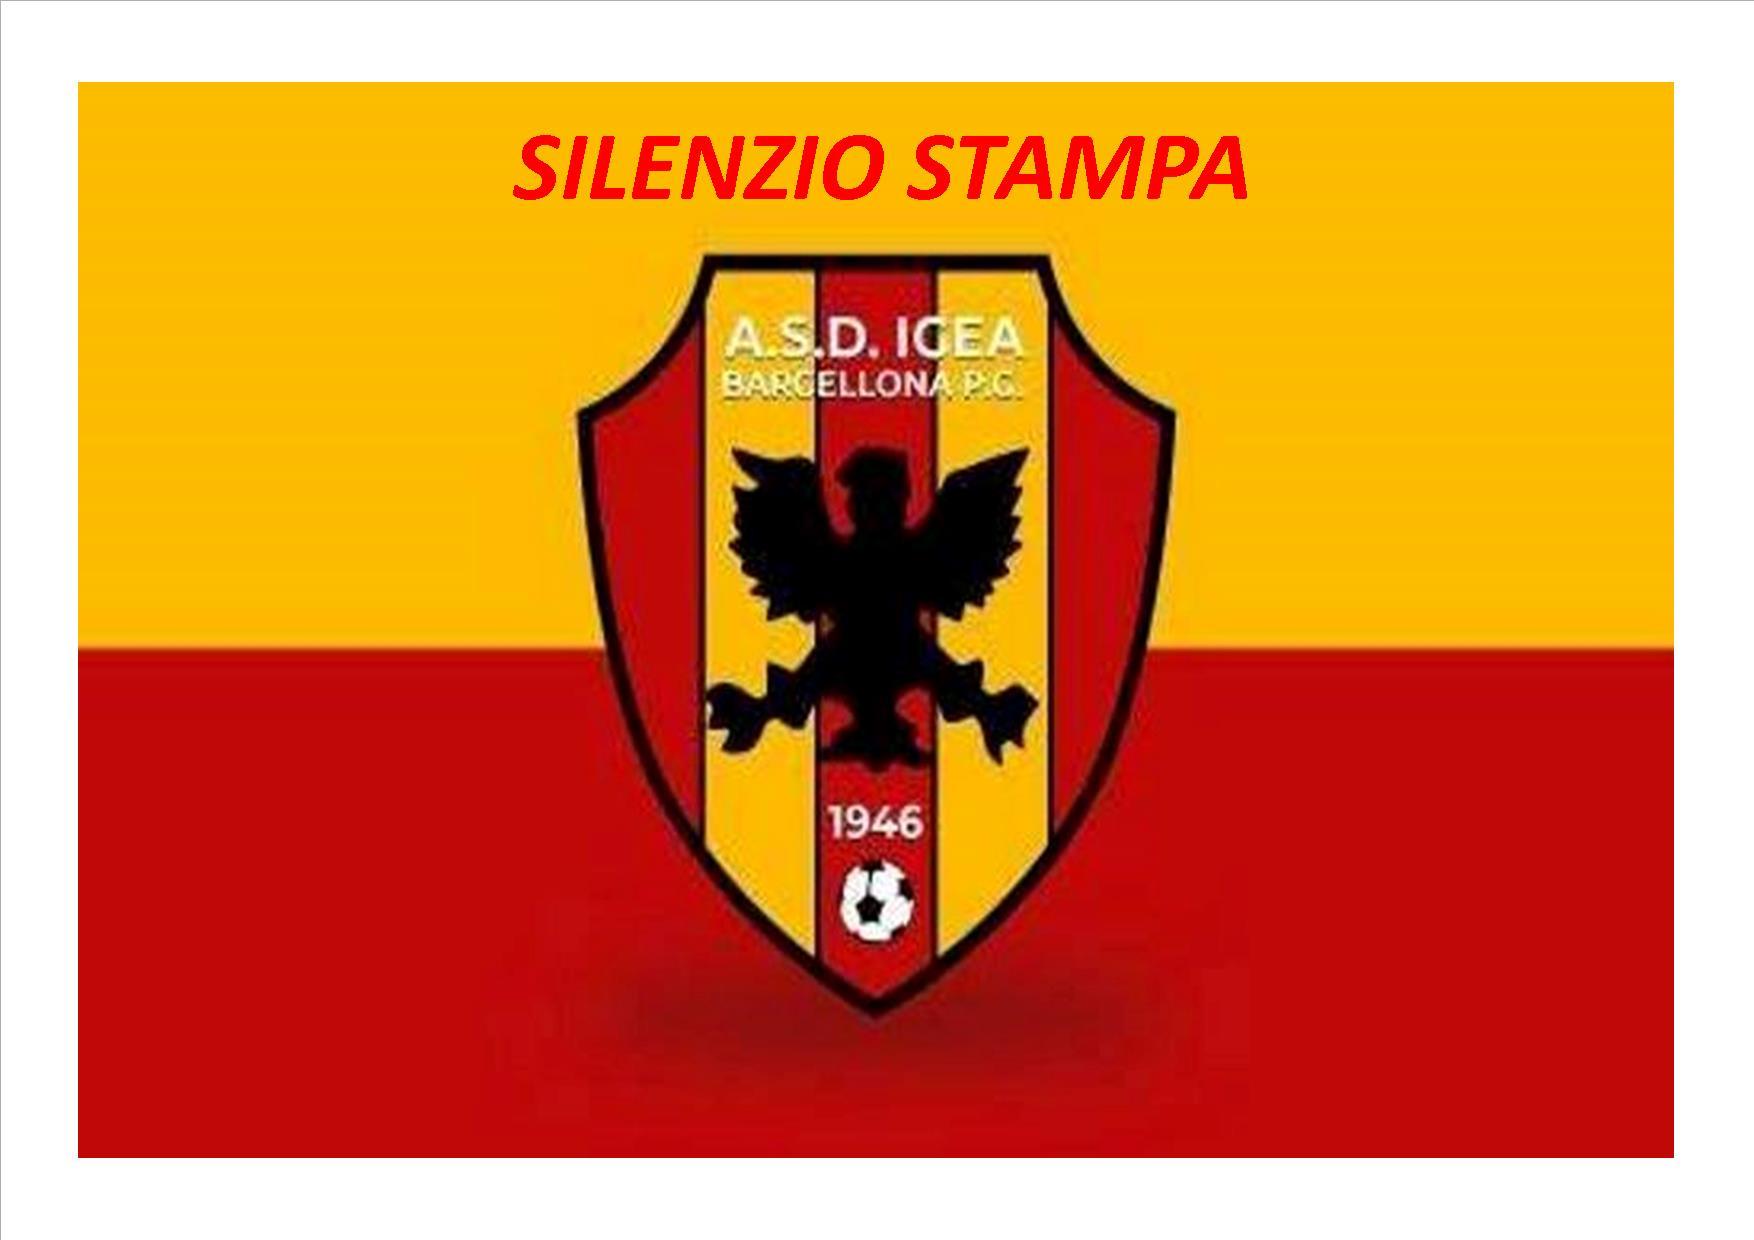 """Calcio. ASD Igea 1946 in 'silenzio stampa': """"Tutelare lavoro di staff e giocatori"""""""